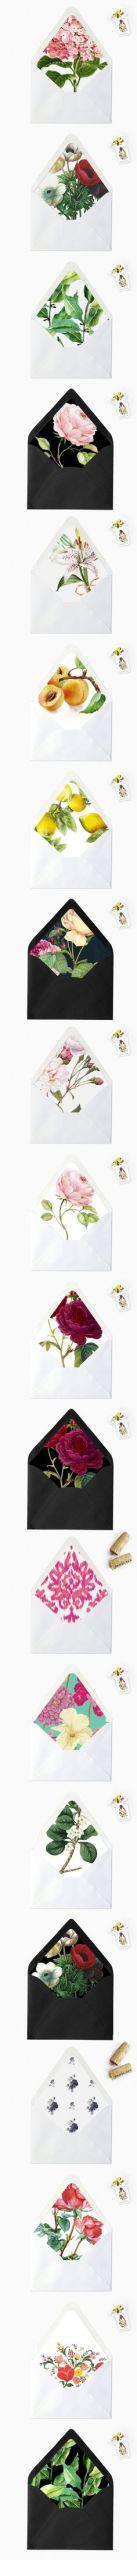 f bdd5a9ddb05e405cd38c1a6 diy card envelope letter envelope